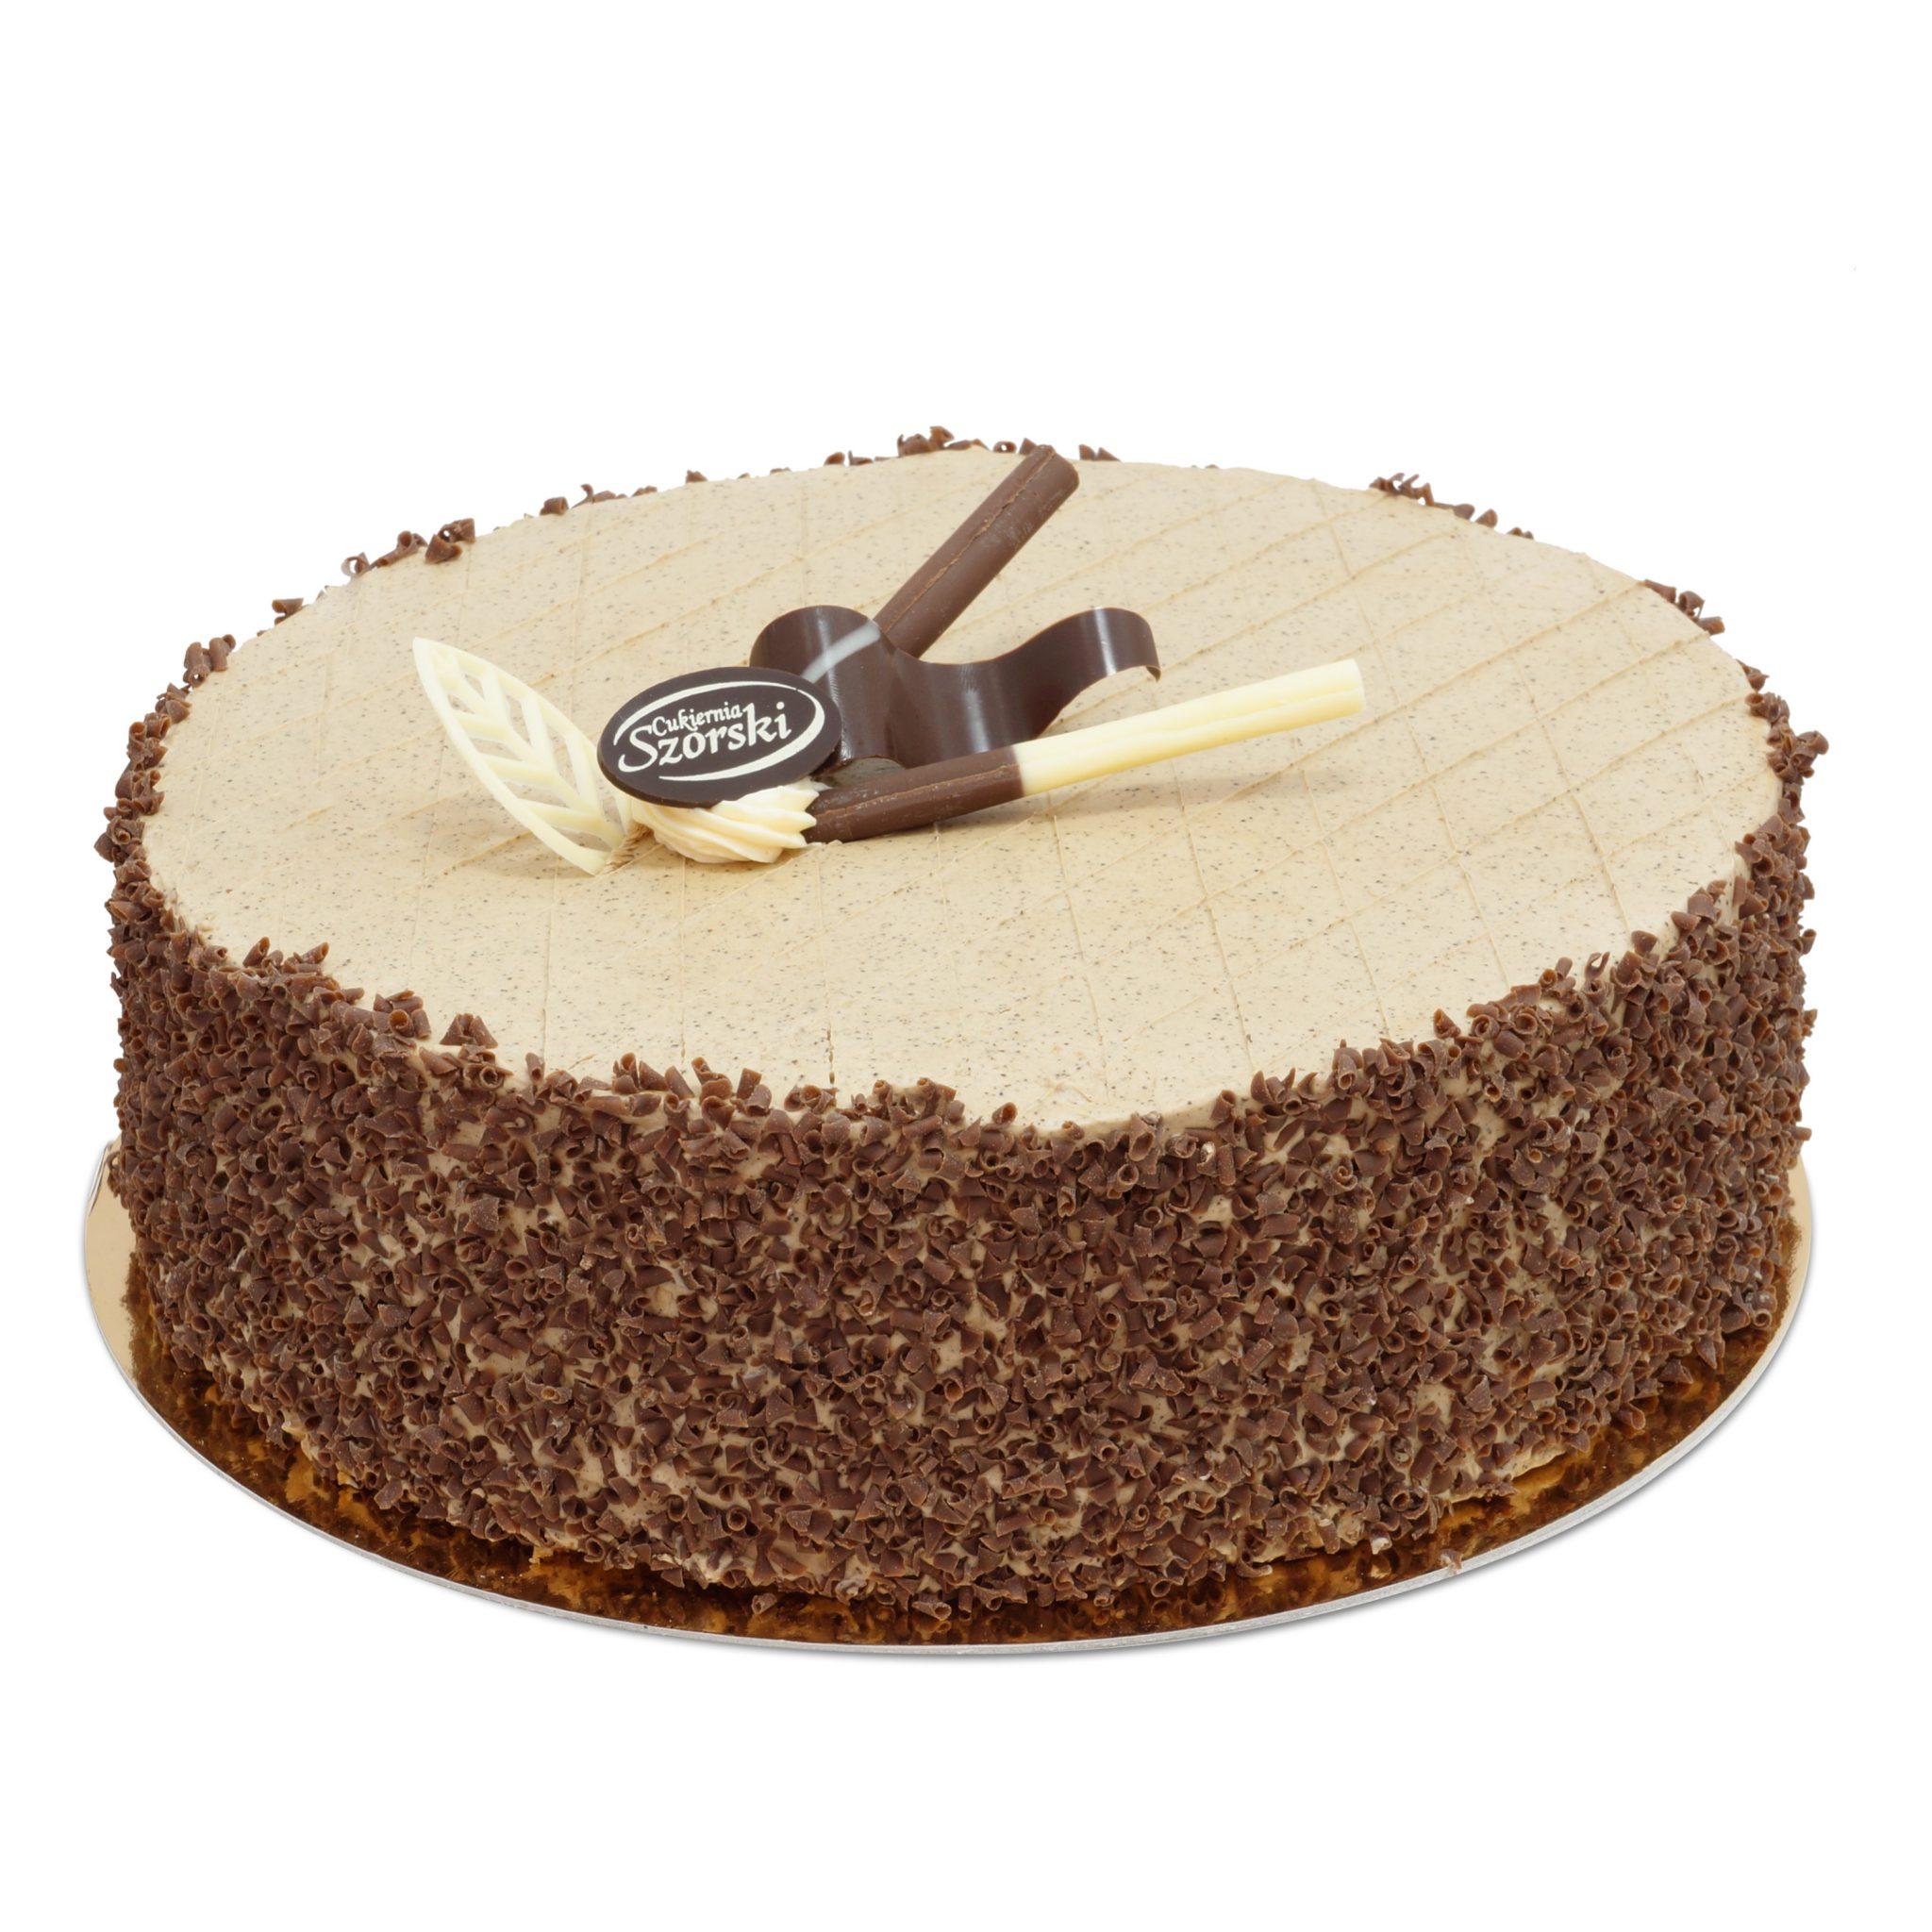 Tort kawowy ostrów wielkopolski